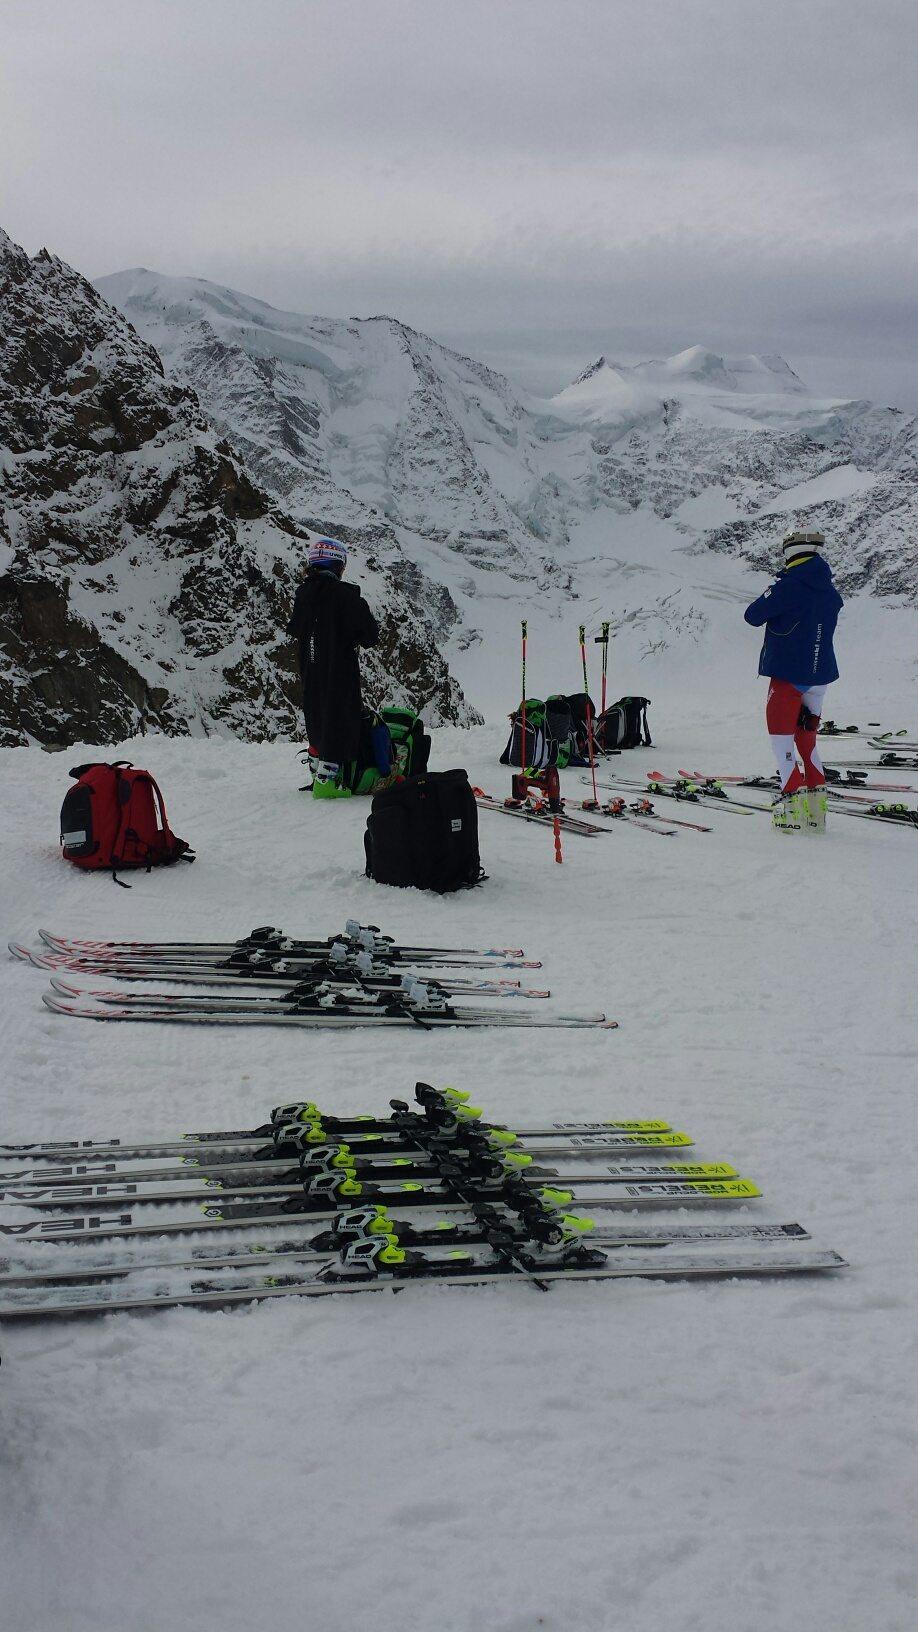 Team von Swiss Ski mit ihren Skiern (Bild: © Engadin St. Moritz Mountains AG)